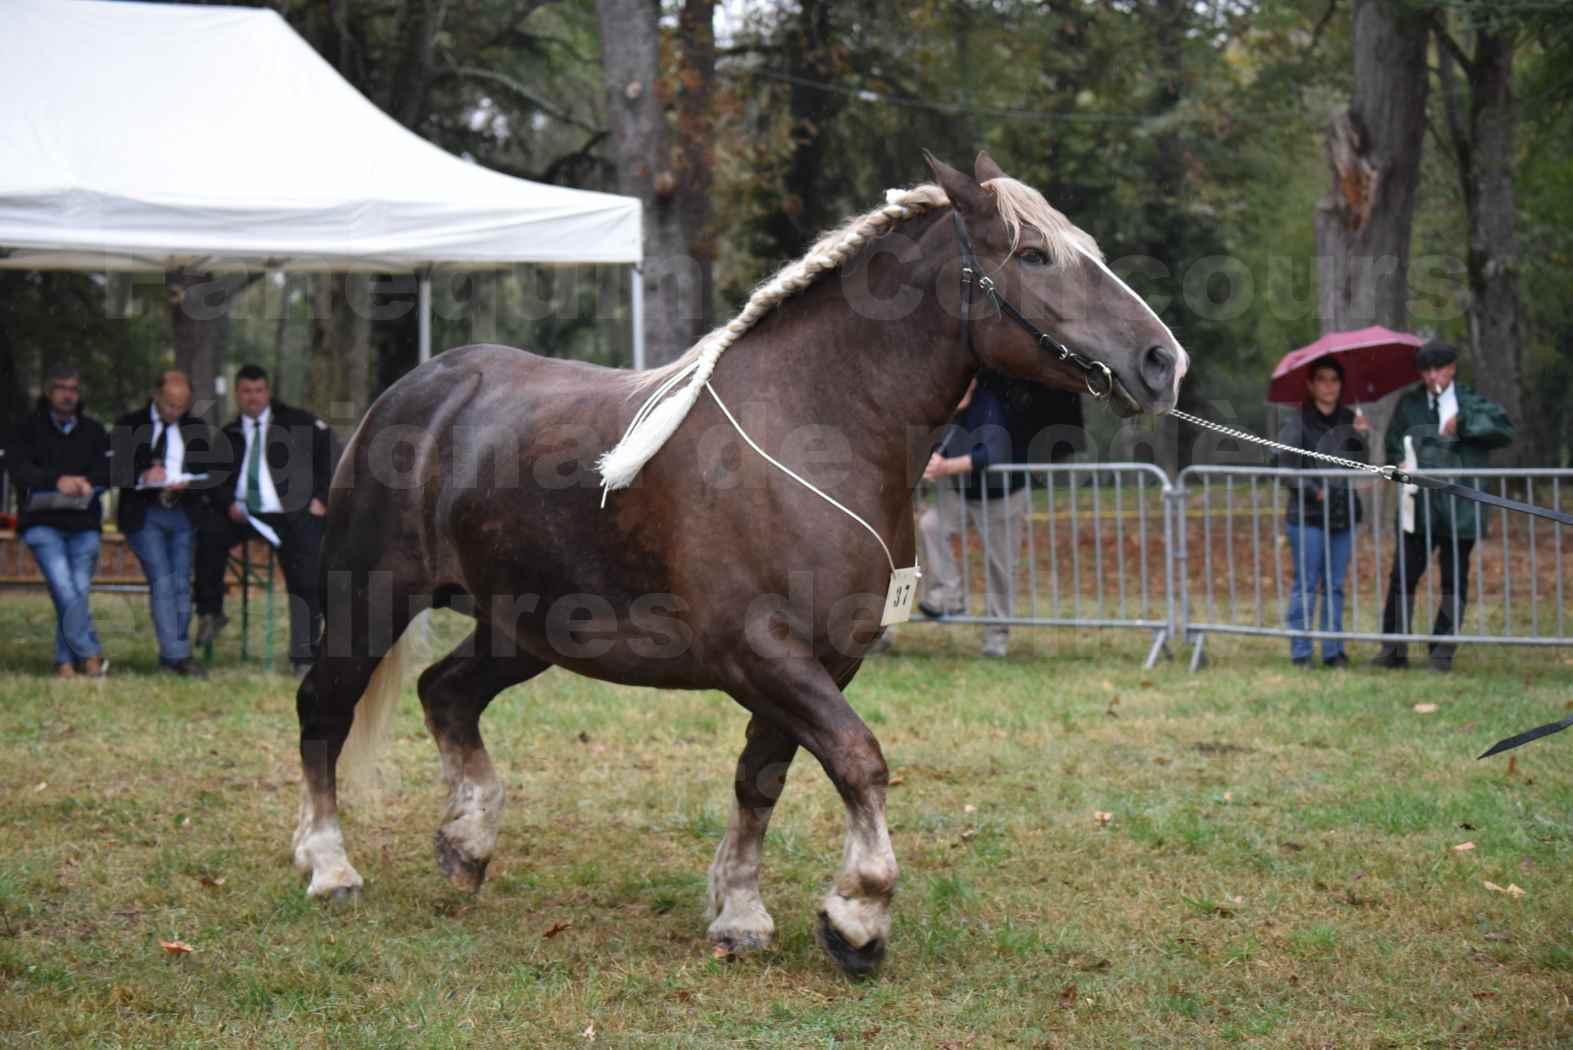 Concours Régional de chevaux de traits en 2017 - Trait BRETON - ELENNE DE TOU FOLL - 11